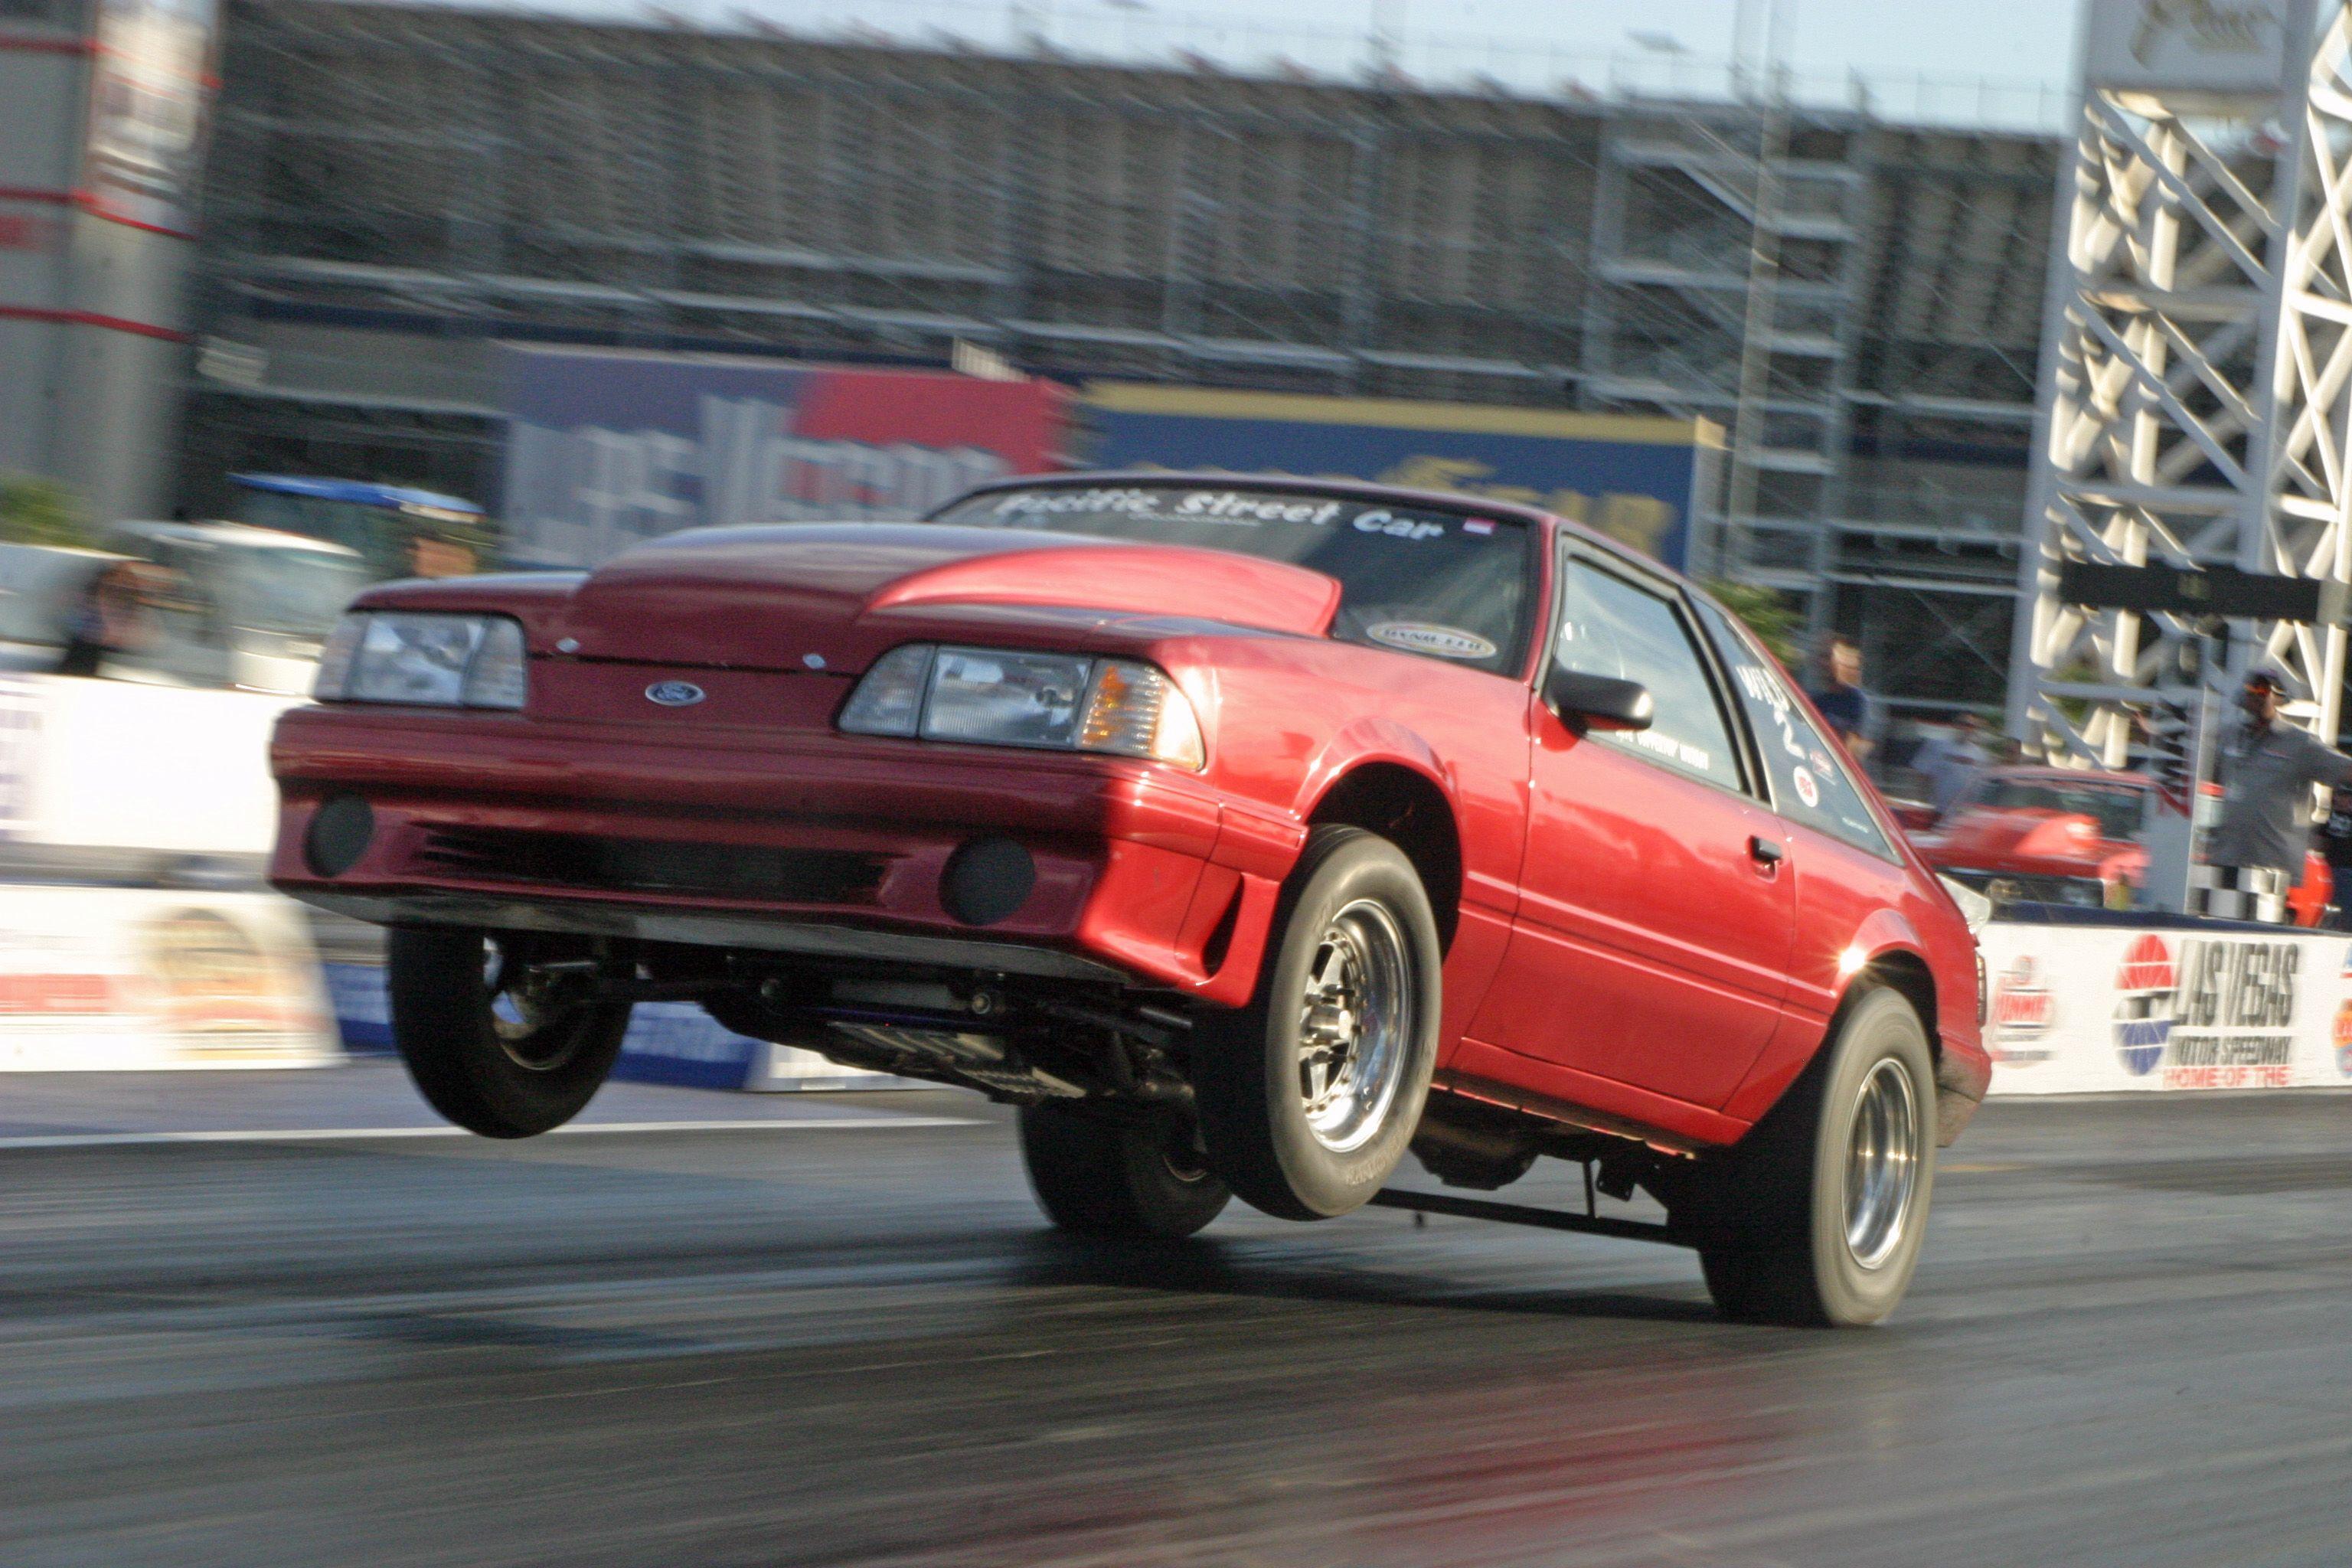 Mustang racing strip cost